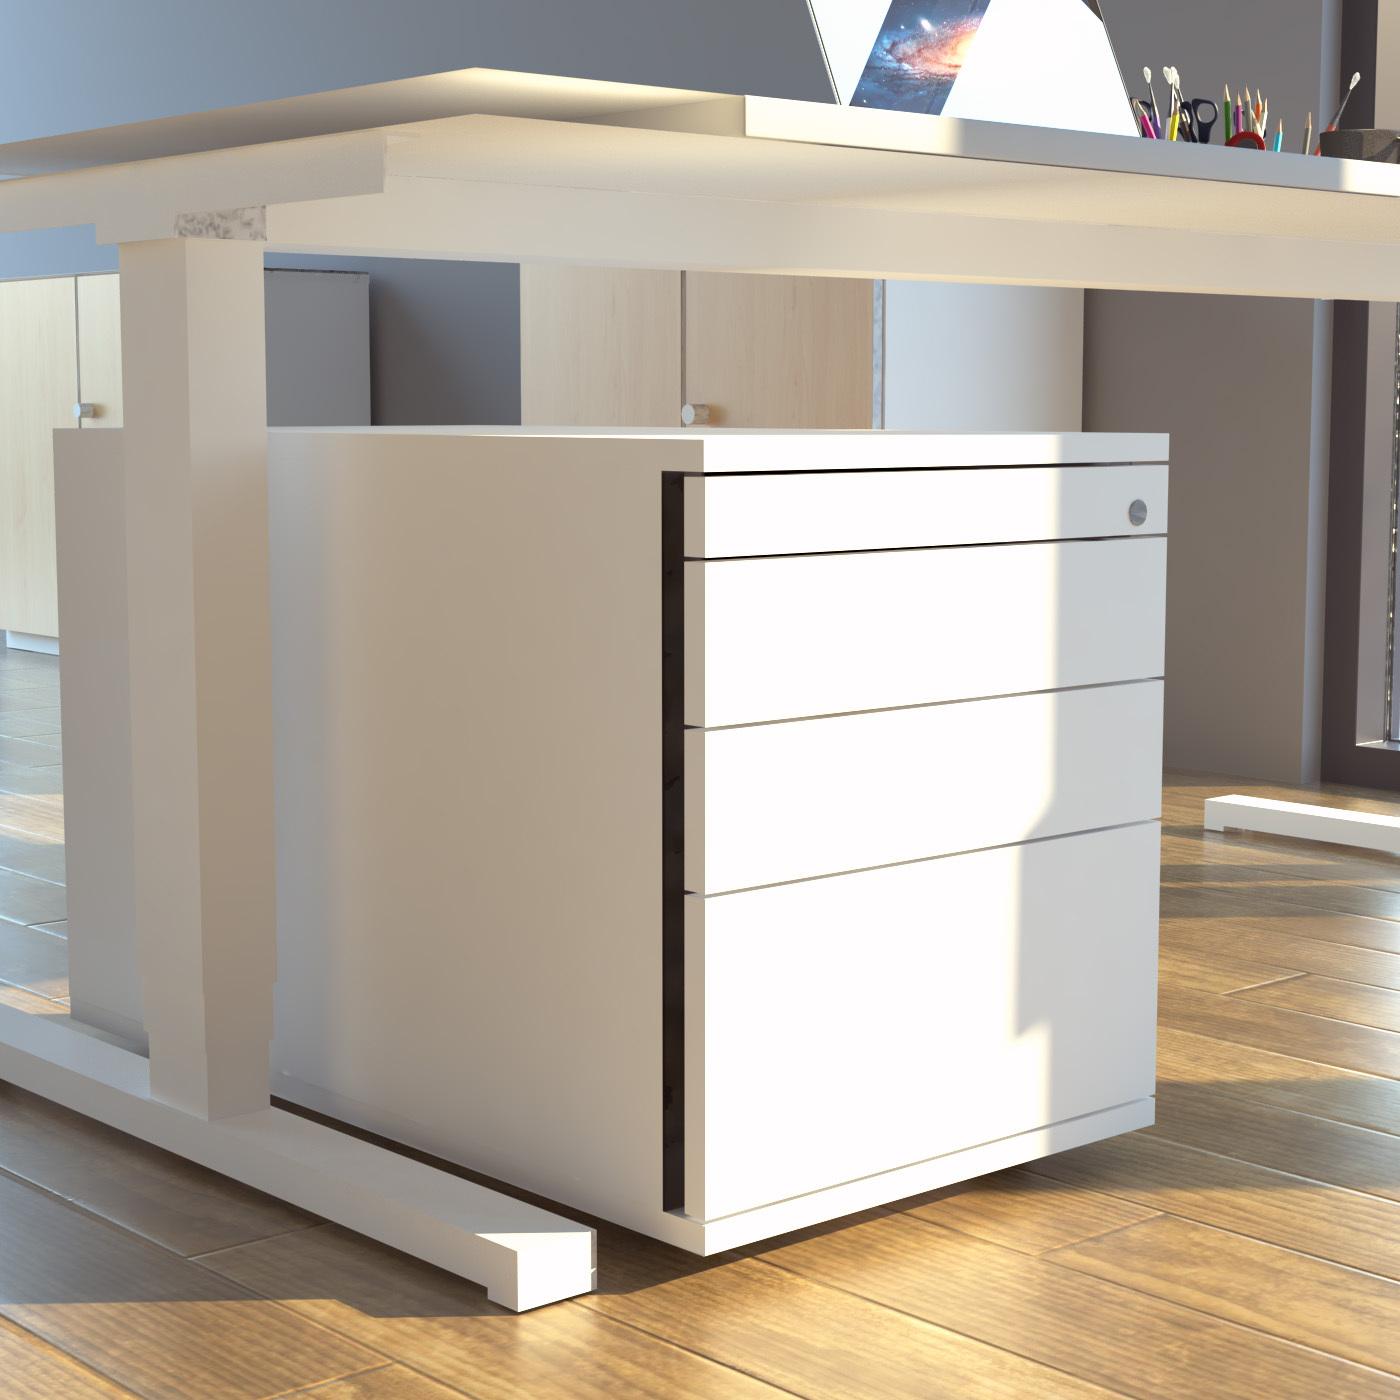 Abbildung eines Bürocontainers als Ordnungssystem unterhalb eines Schreibtisches